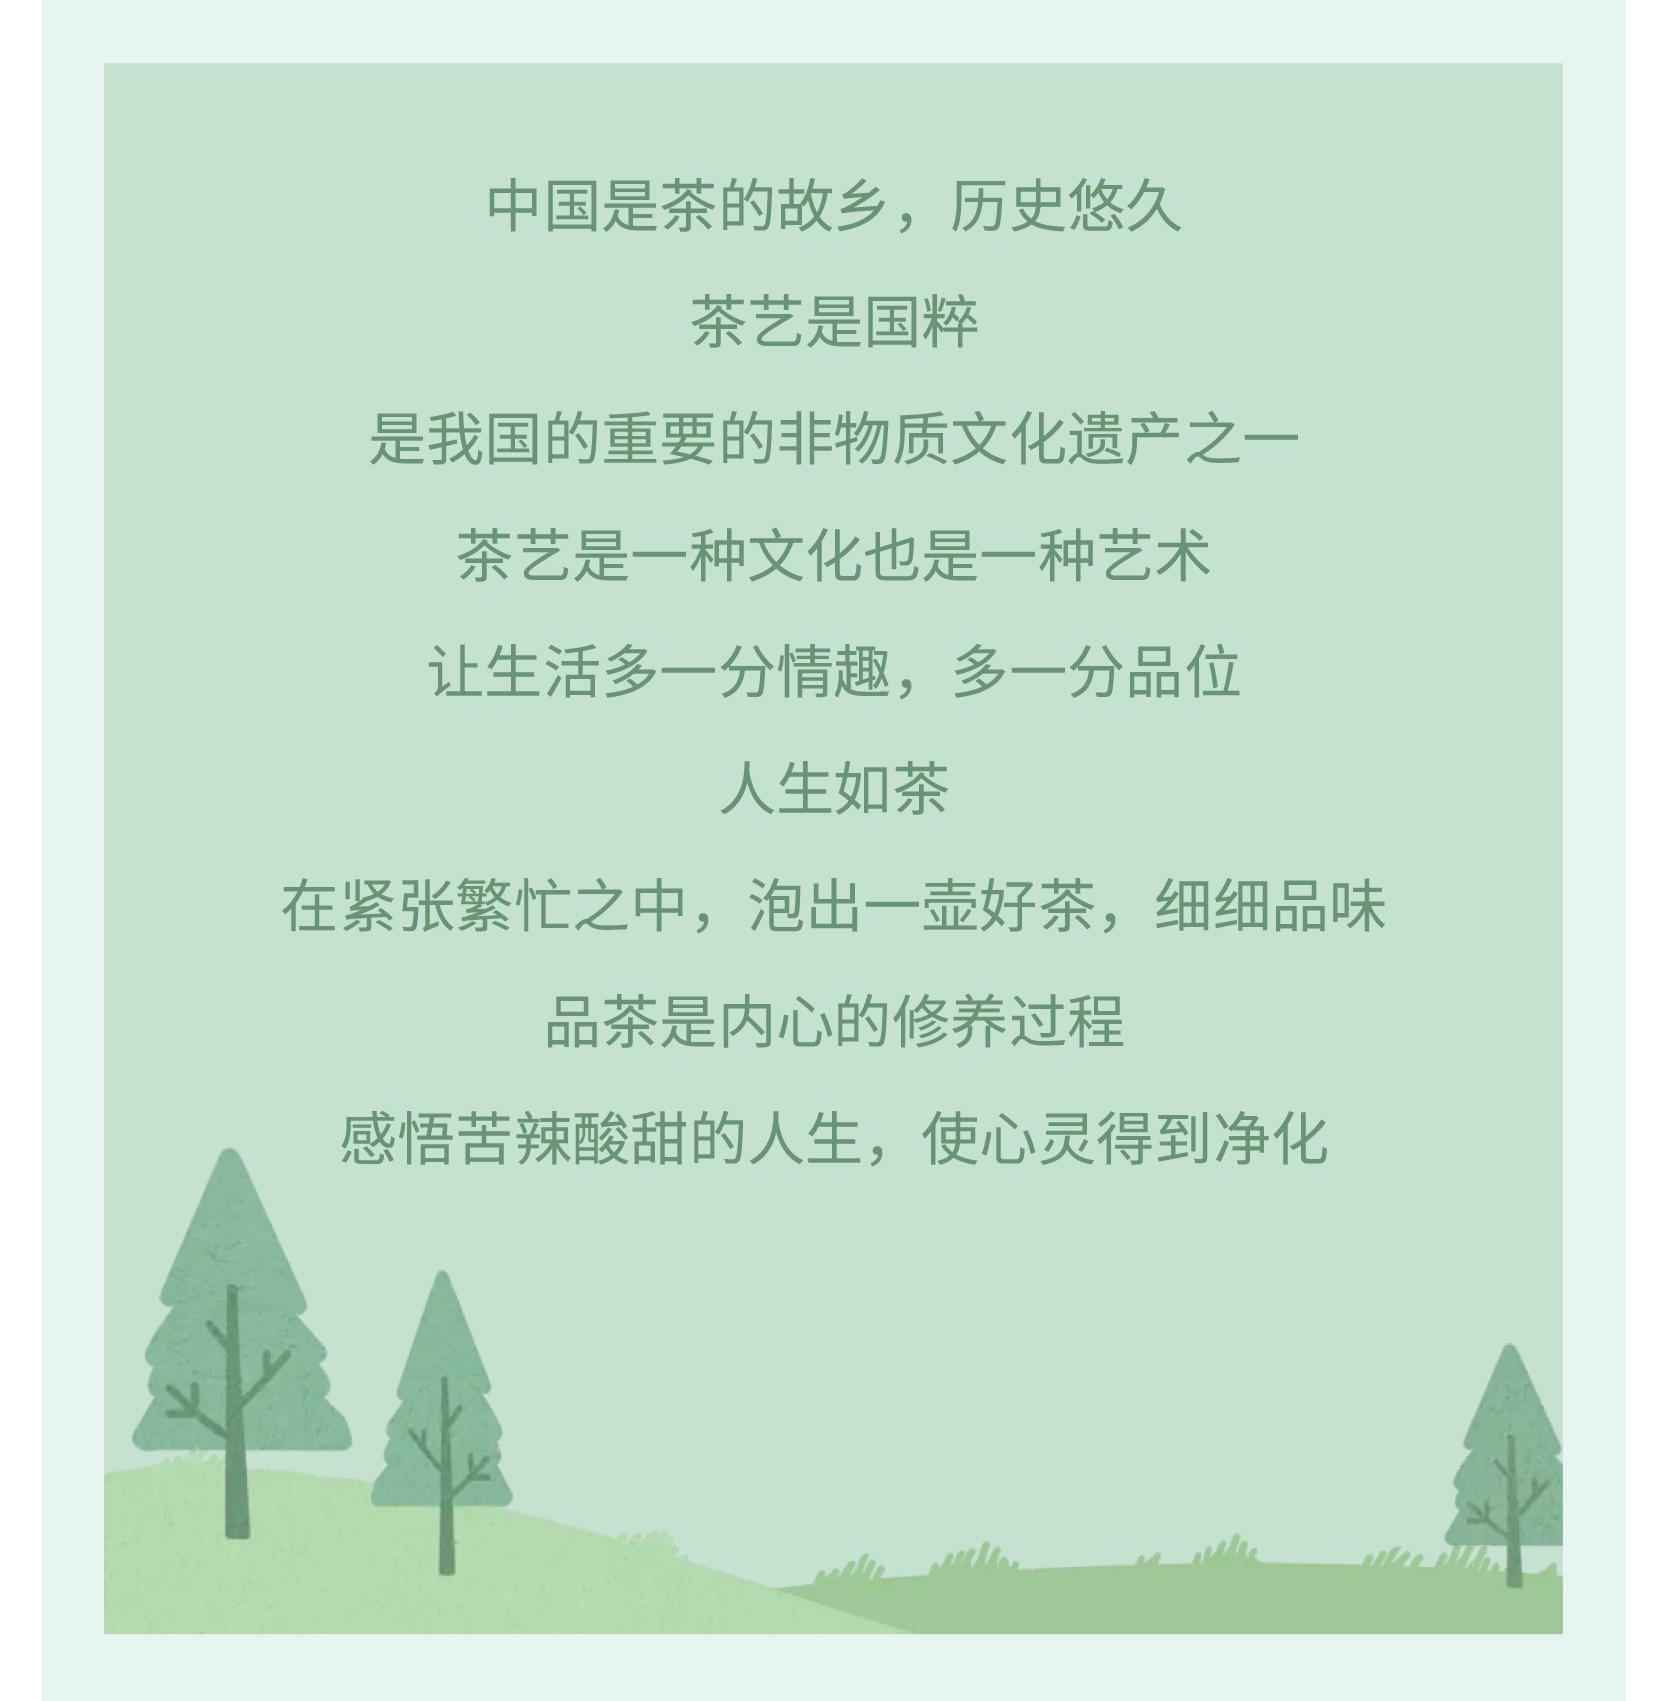 品茶活动推文_06.jpg